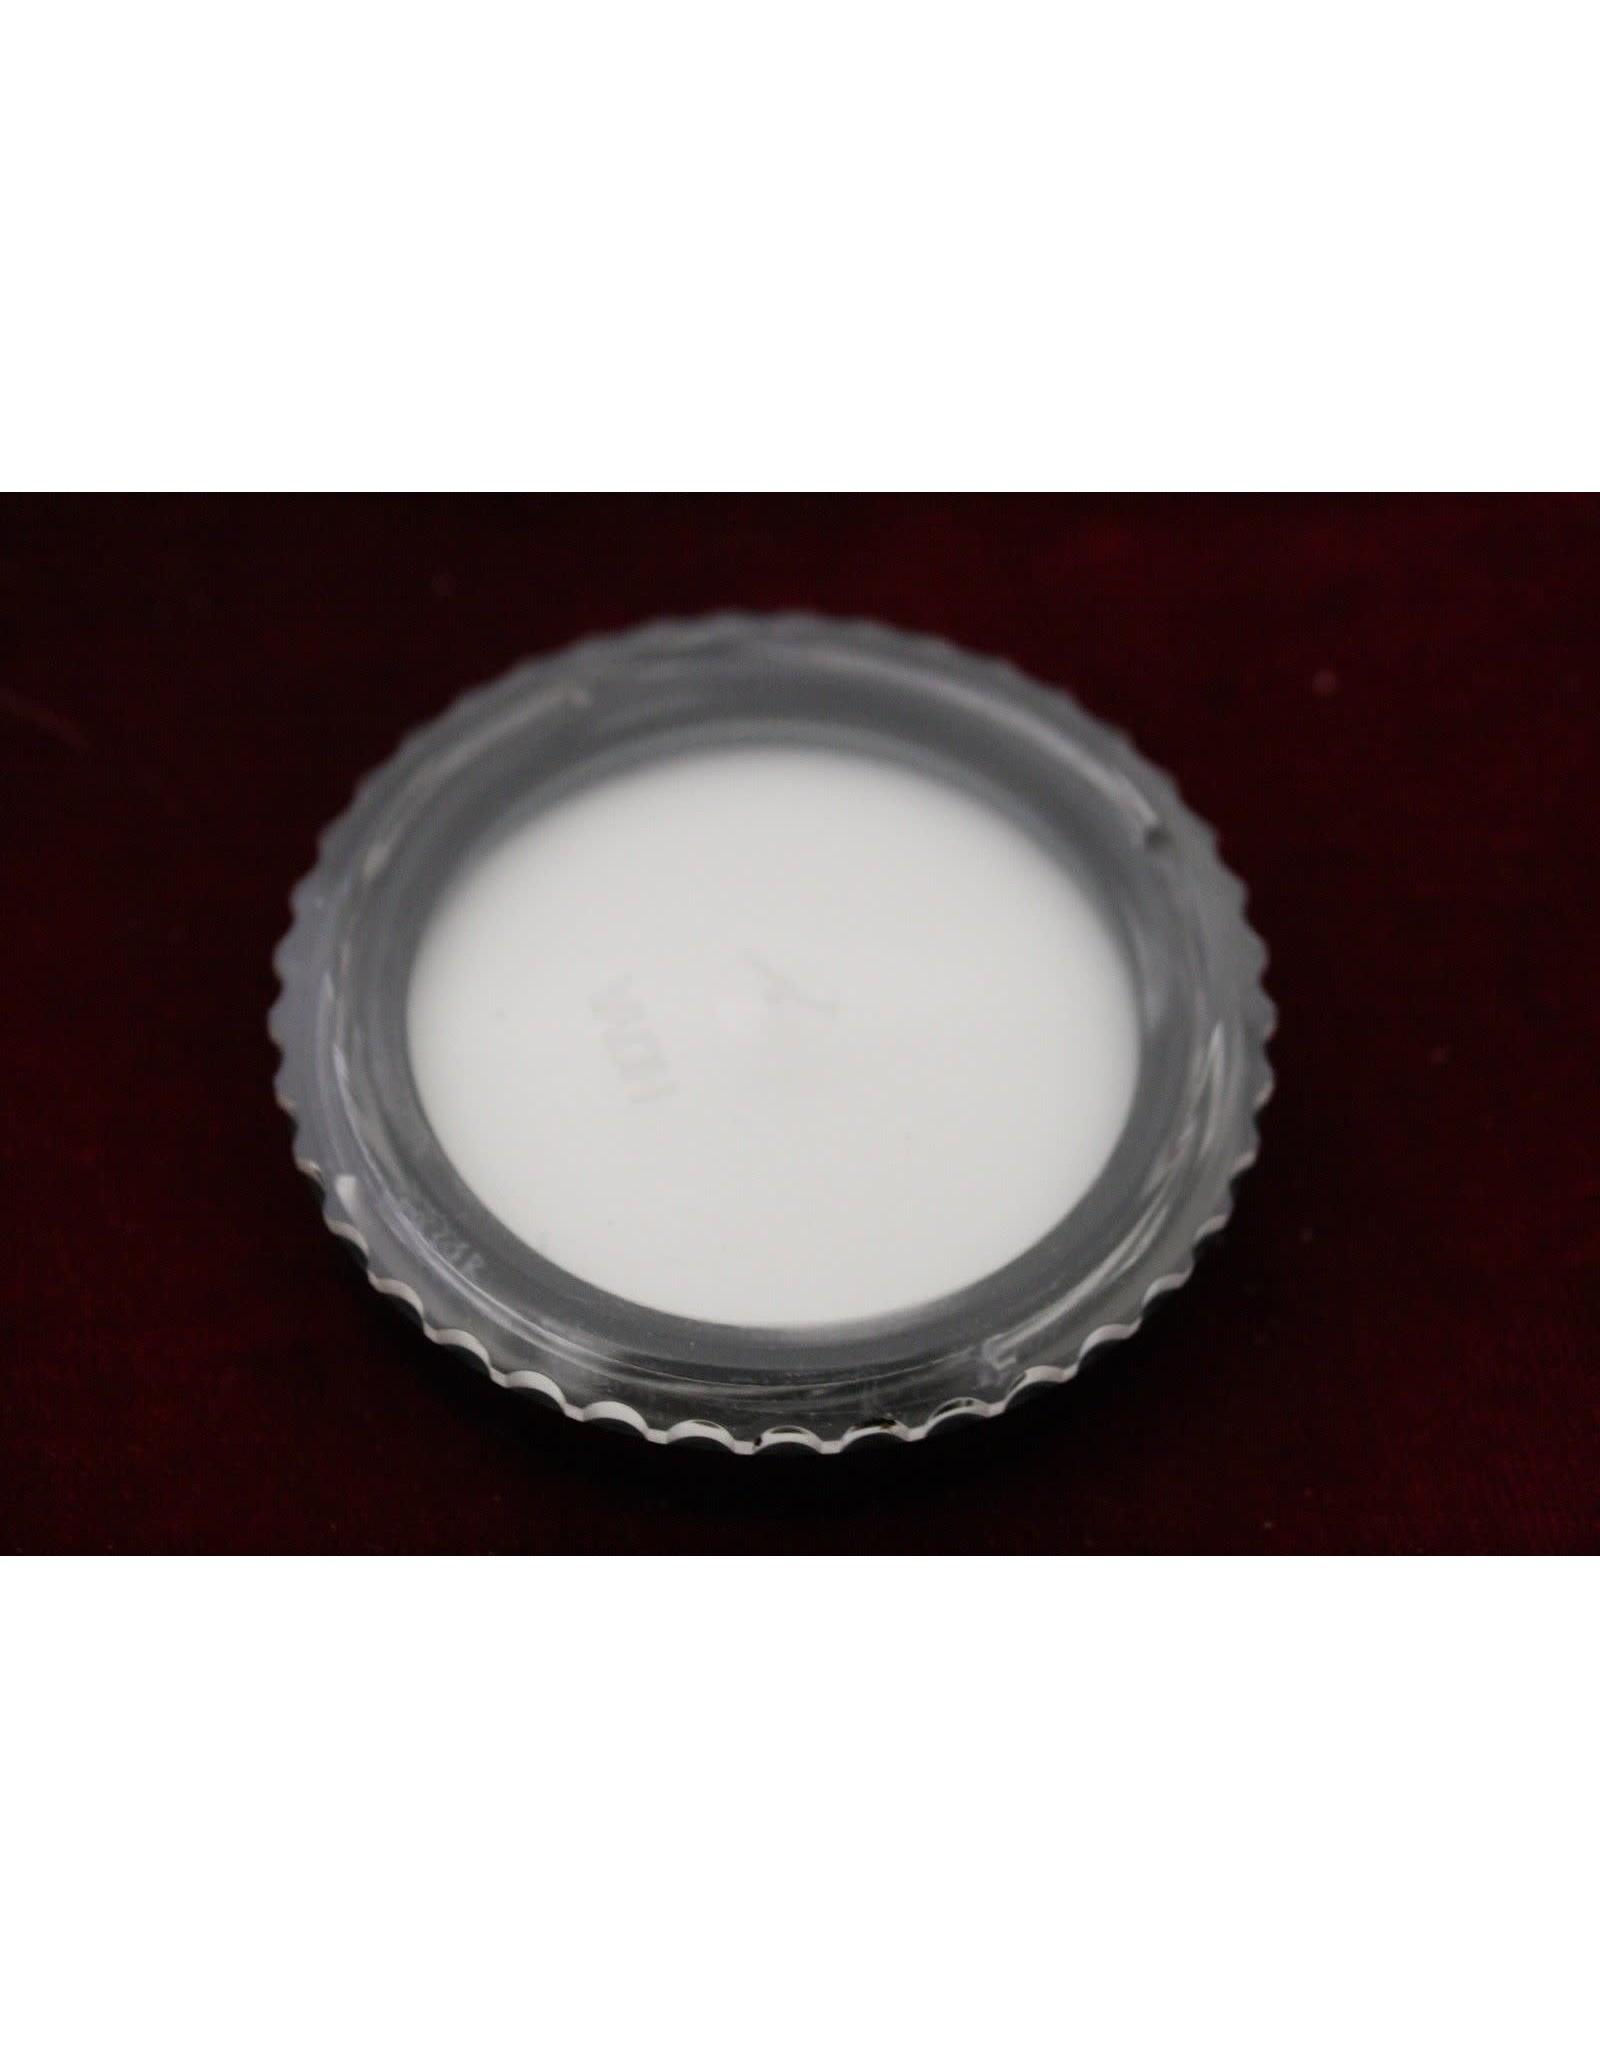 Hoya 55mm DUTO Filter